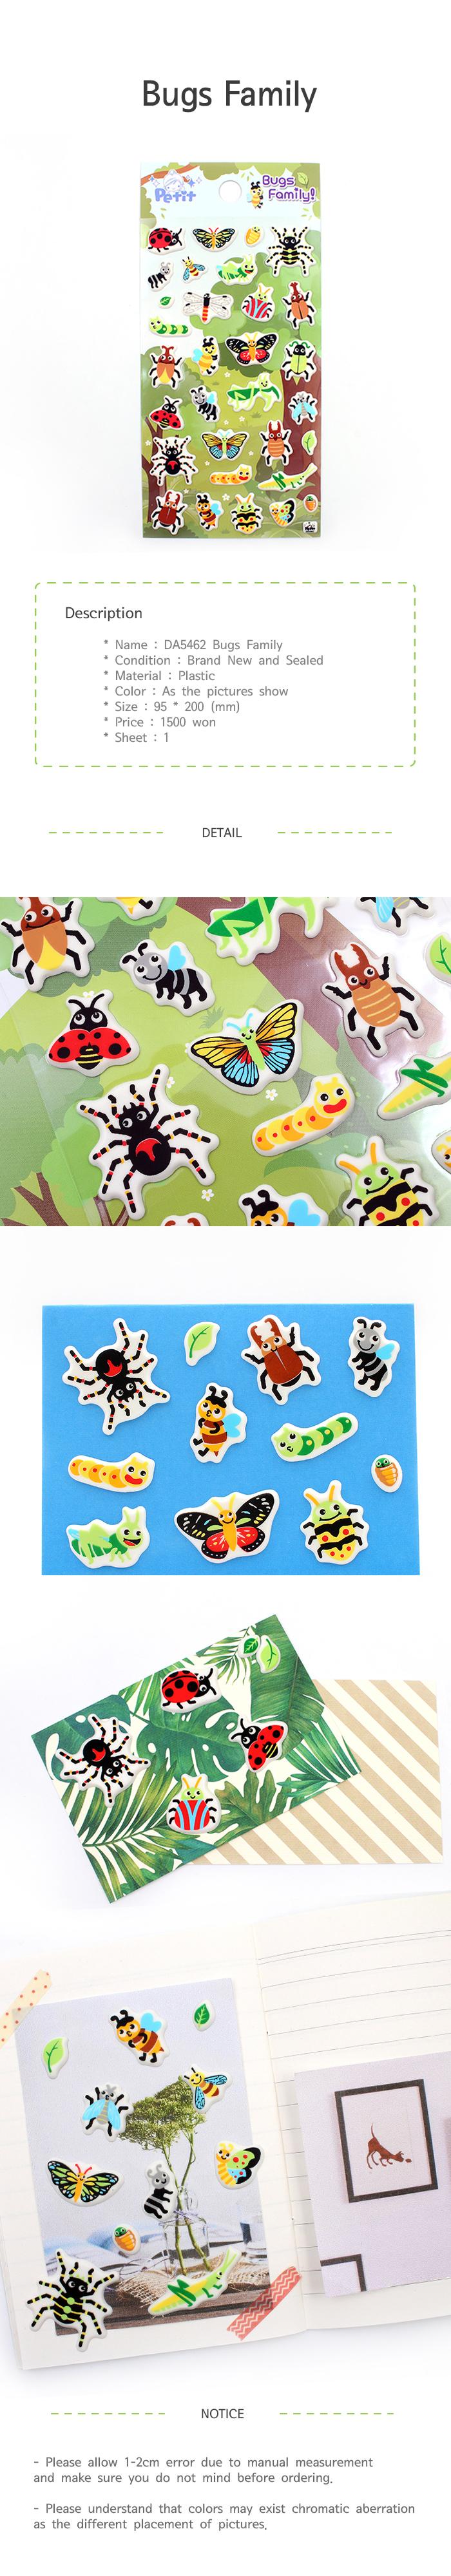 DA5462_BugsFamily_ENG_de.jpg